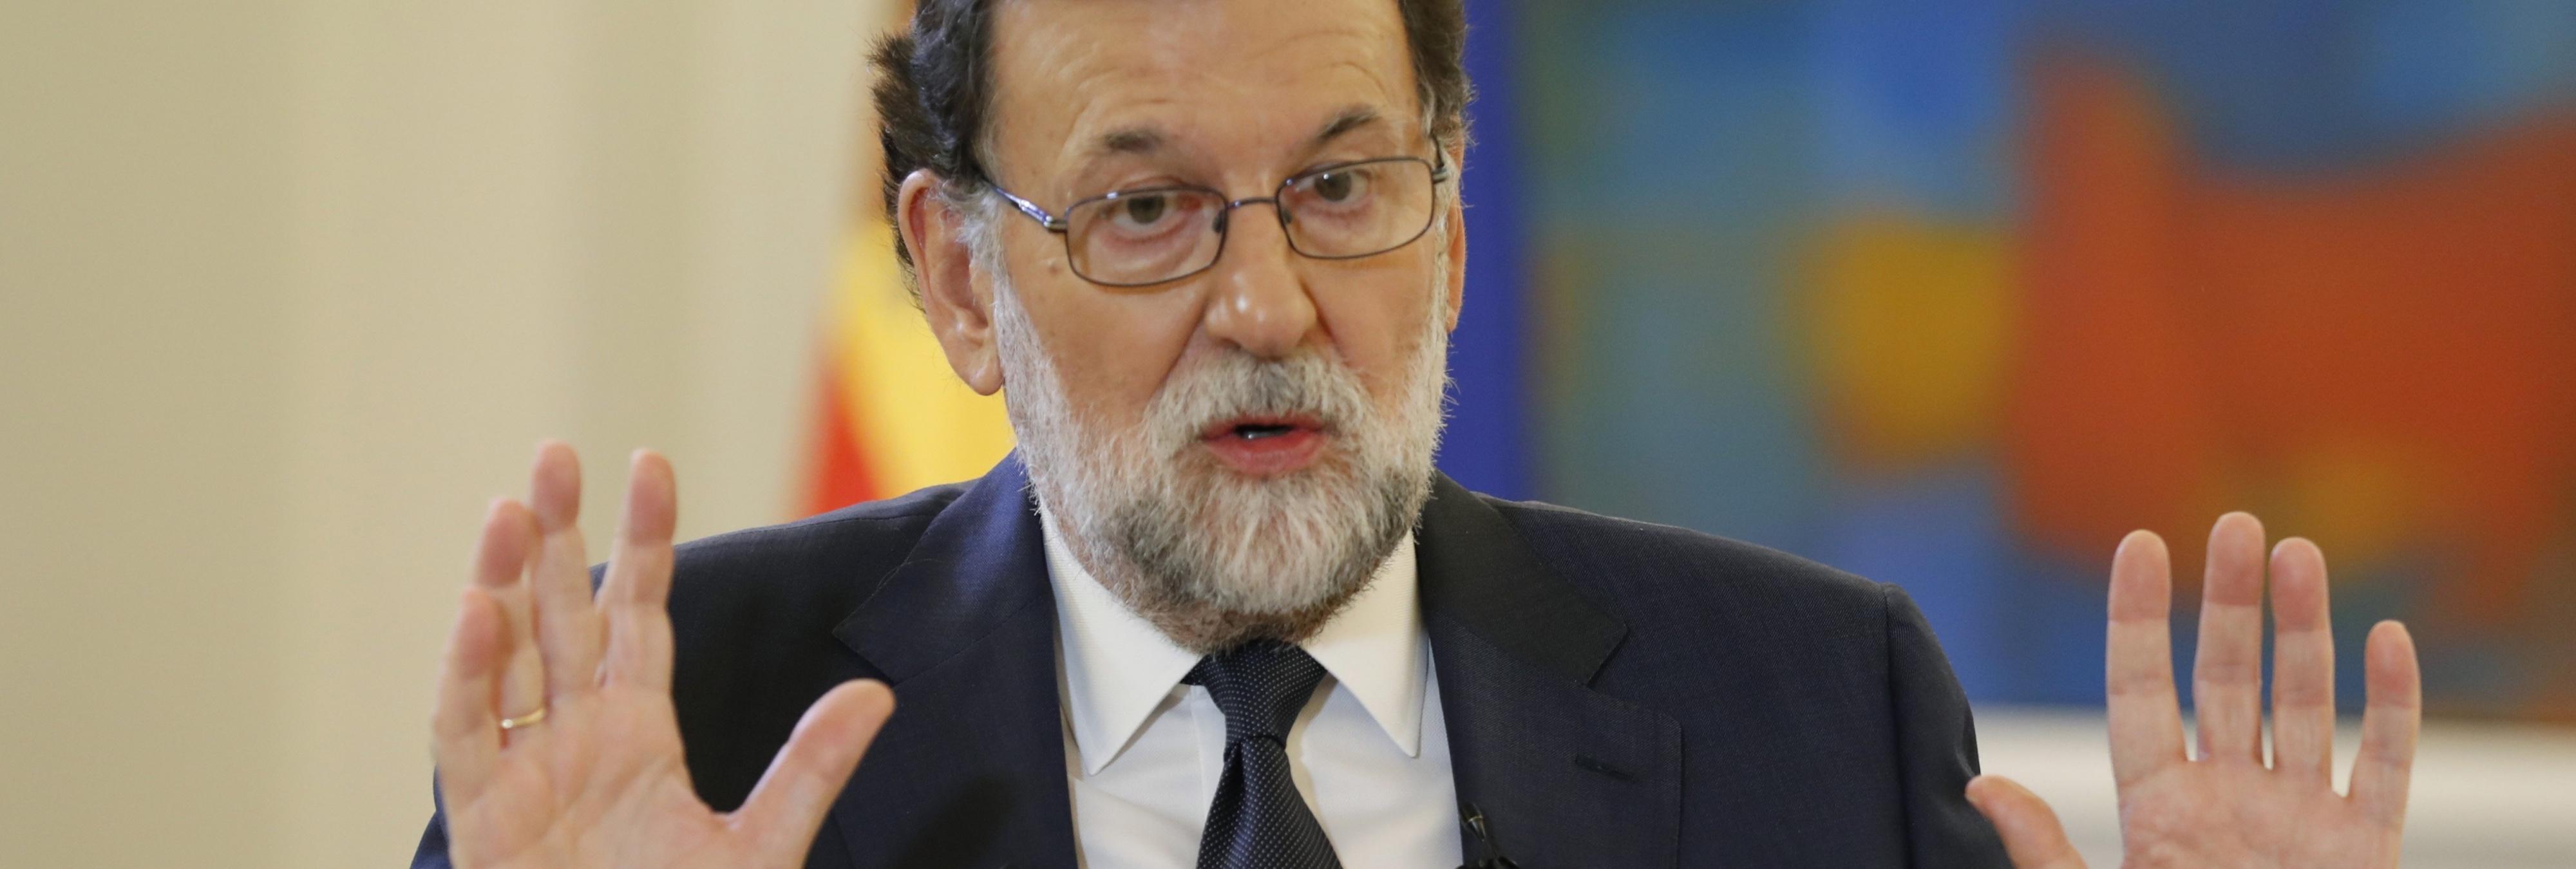 Desvelan una grabación con la que la trama Lezo pretendía coaccionar a Rajoy